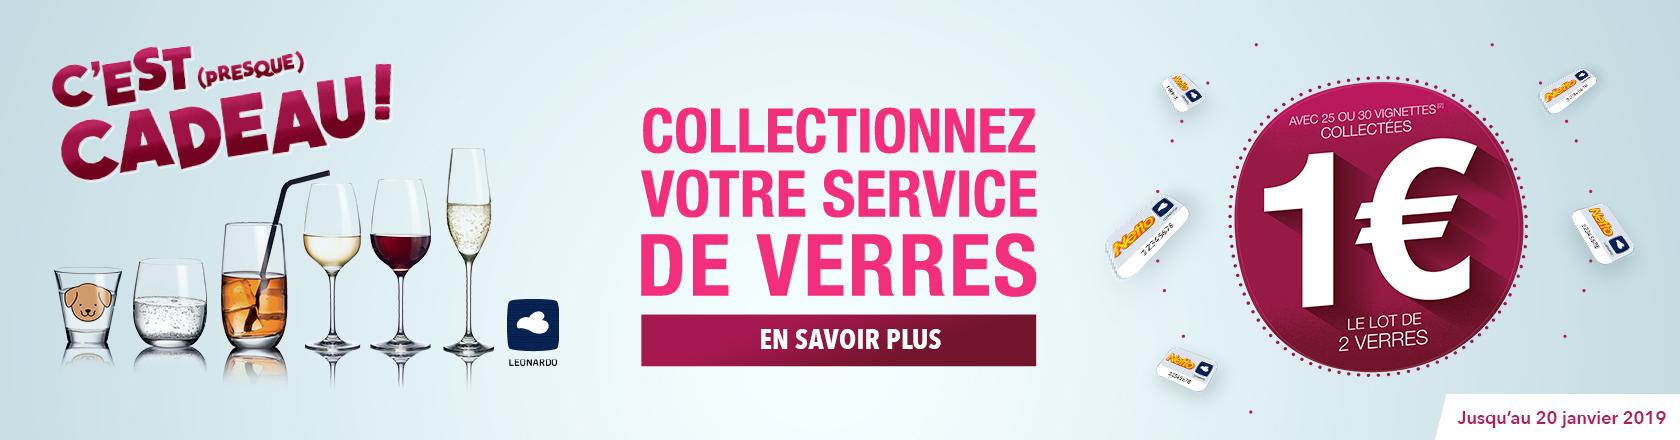 Collectionnez votre service de verres - Du 4 Septembre au 24 Décembre